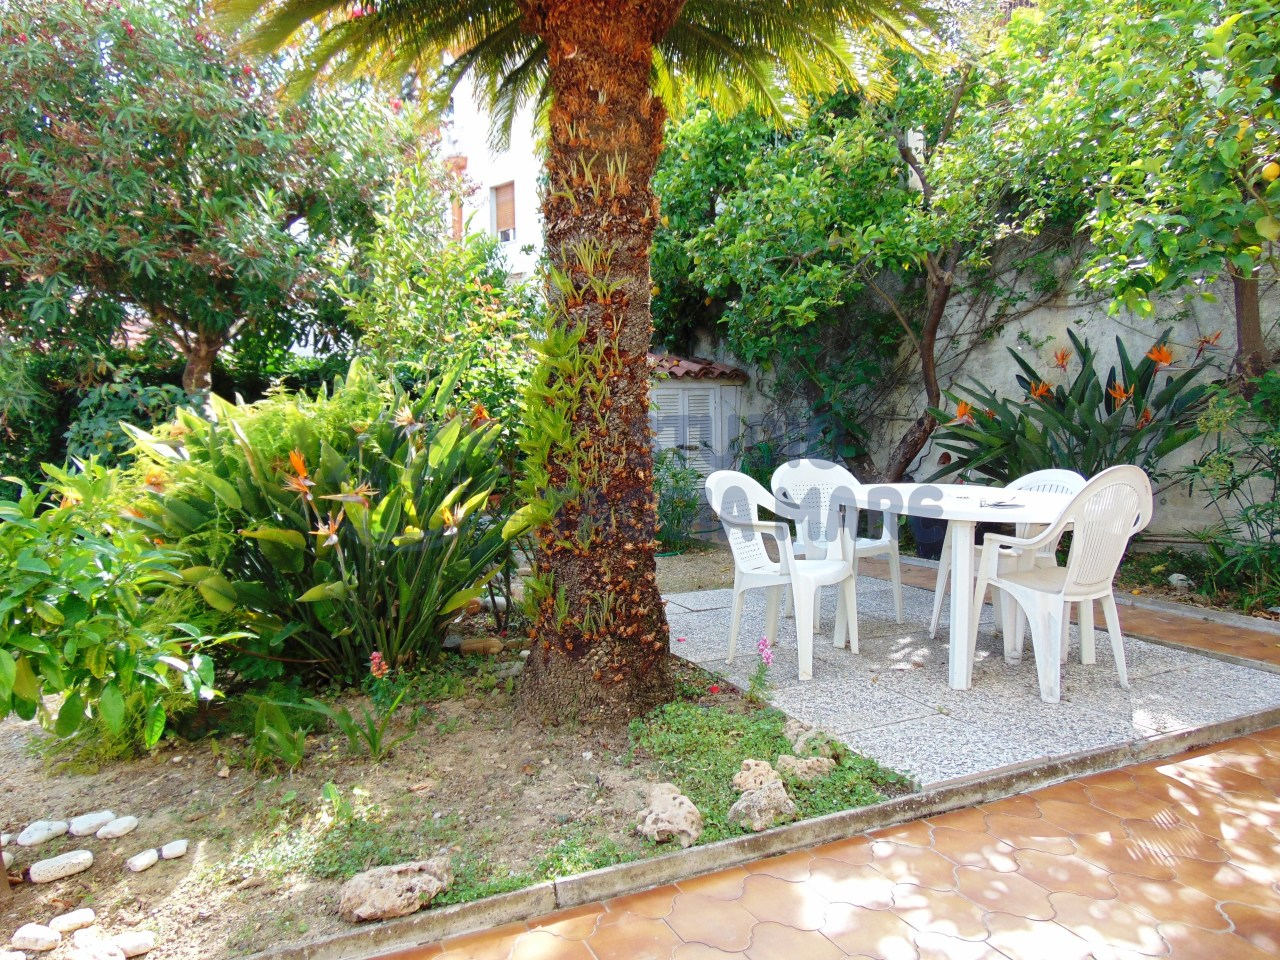 Villa in affitto a SanRemo, 4 locali, prezzo € 1.100 | Cambio Casa.it